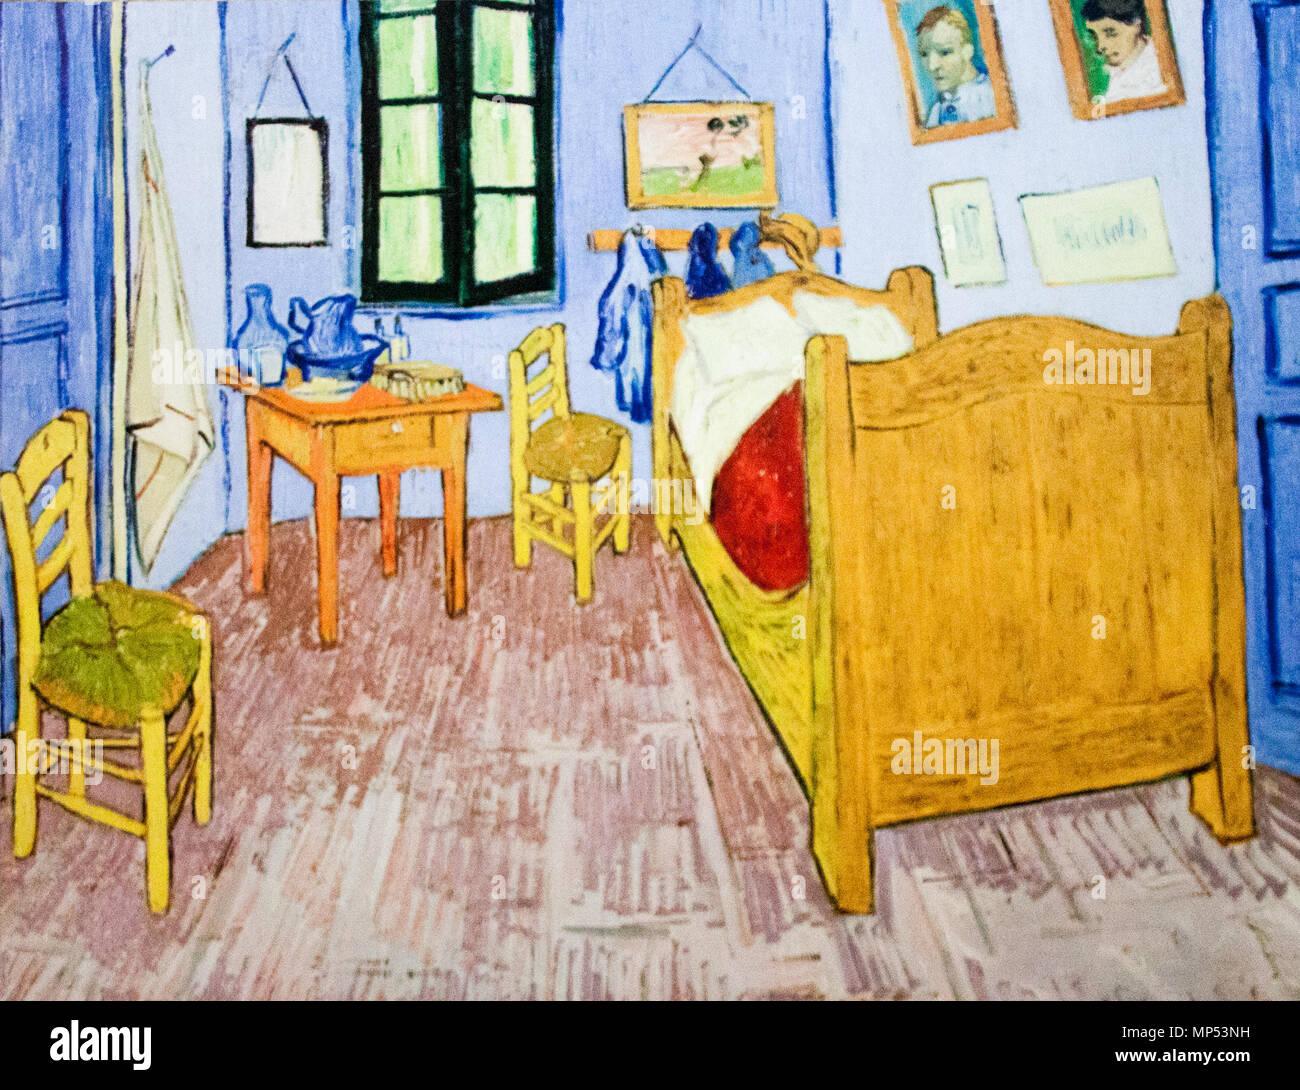 ... Hálószobája Arles Verbot (Az Párizsi Változat) Englisch: Schlafzimmer  In Arles (Paris) Arles, 1889. 1238 Vincentu0027s Schlafzimmer In Arles   Mein  Traum